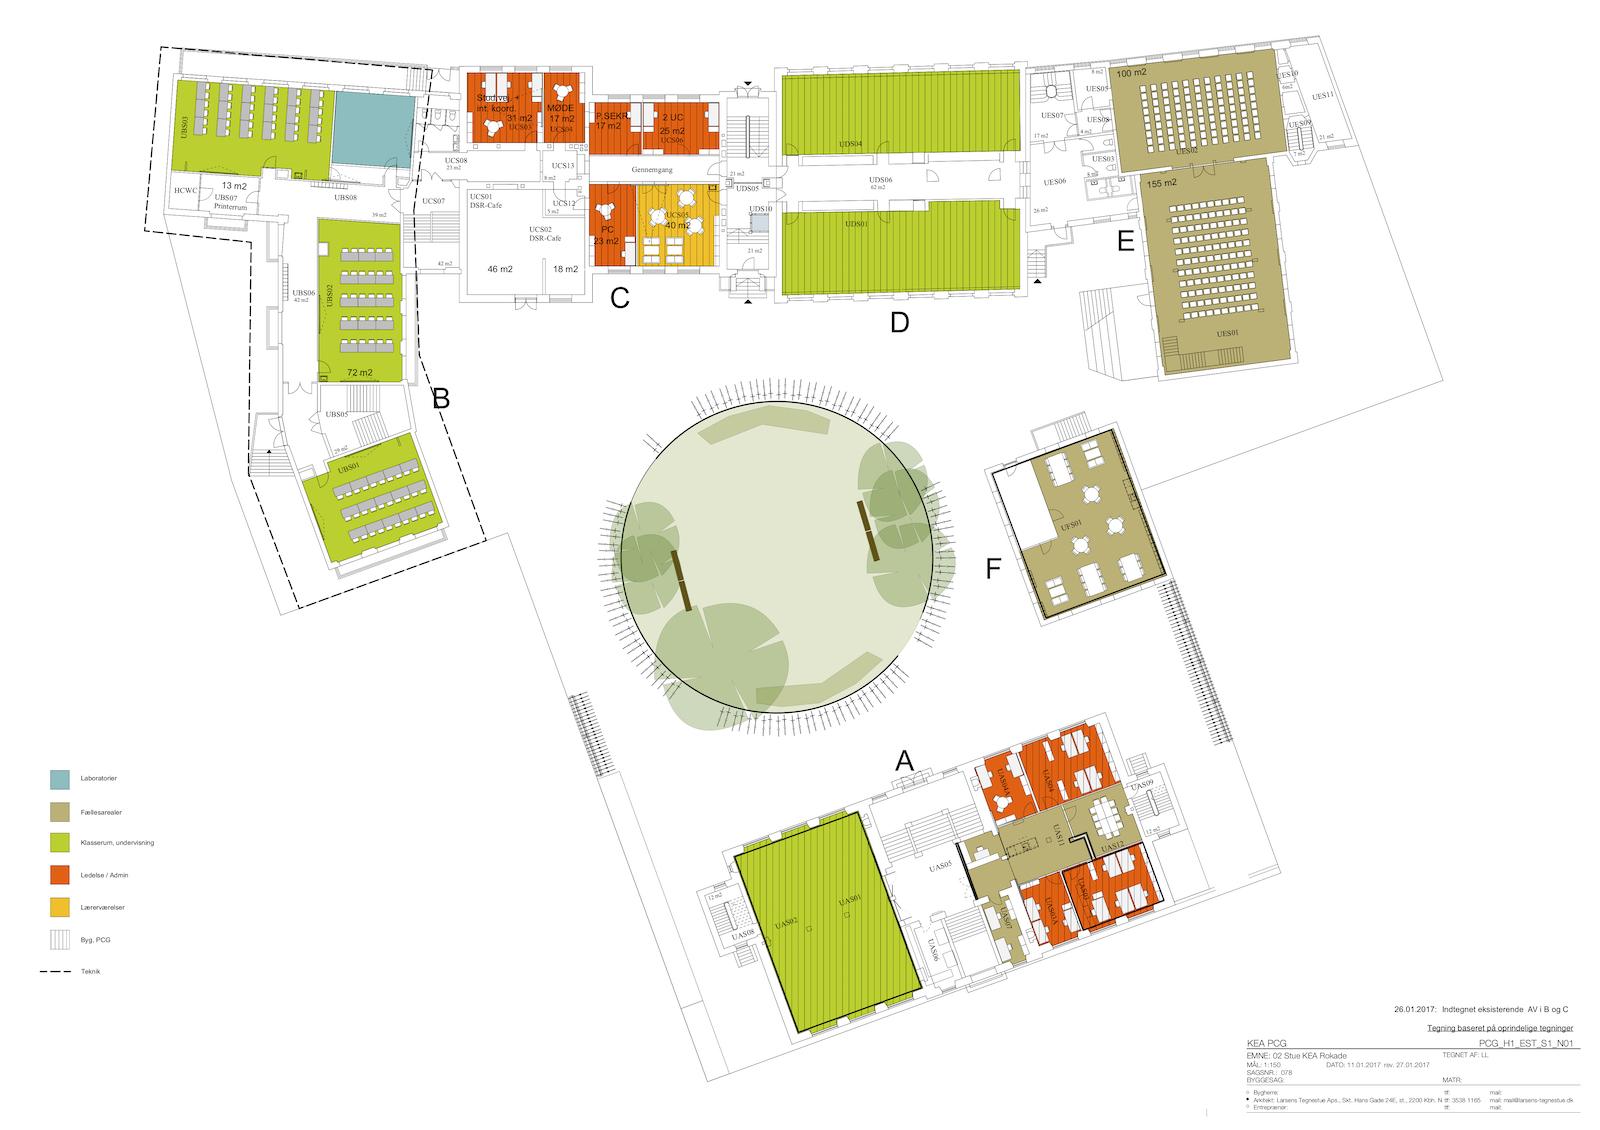 KEA – Københavns Erhvervsakademi, plantegning: Stue A1